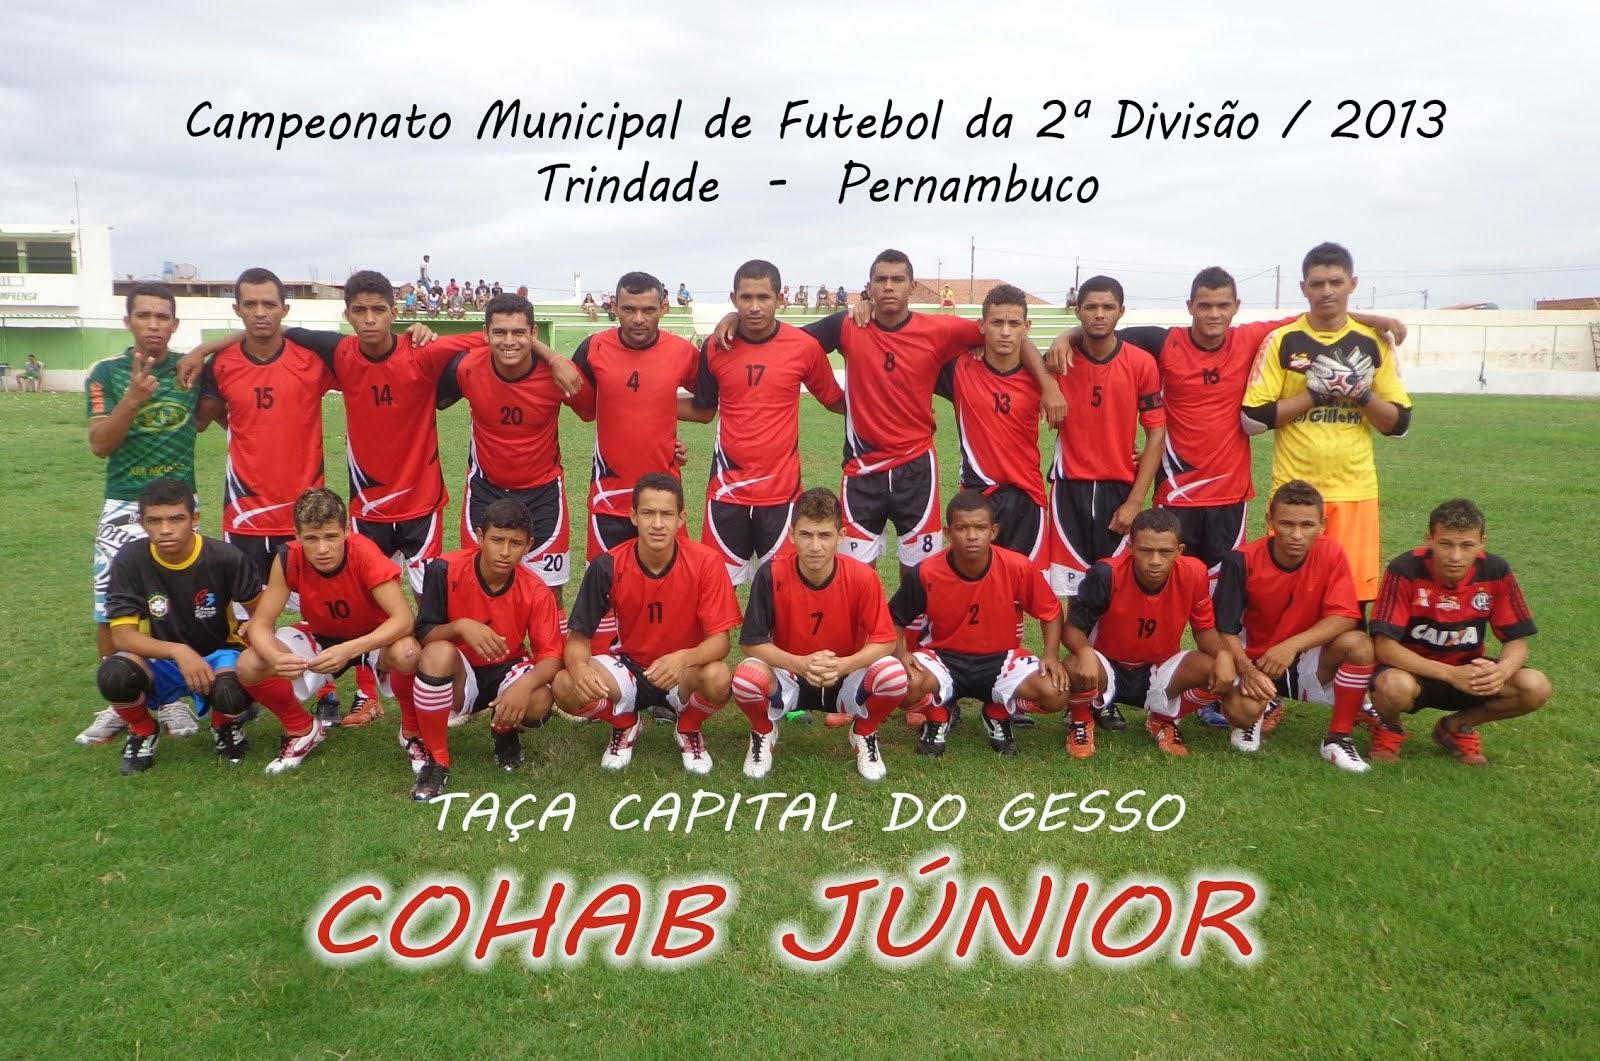 Segunda Divisão 2013